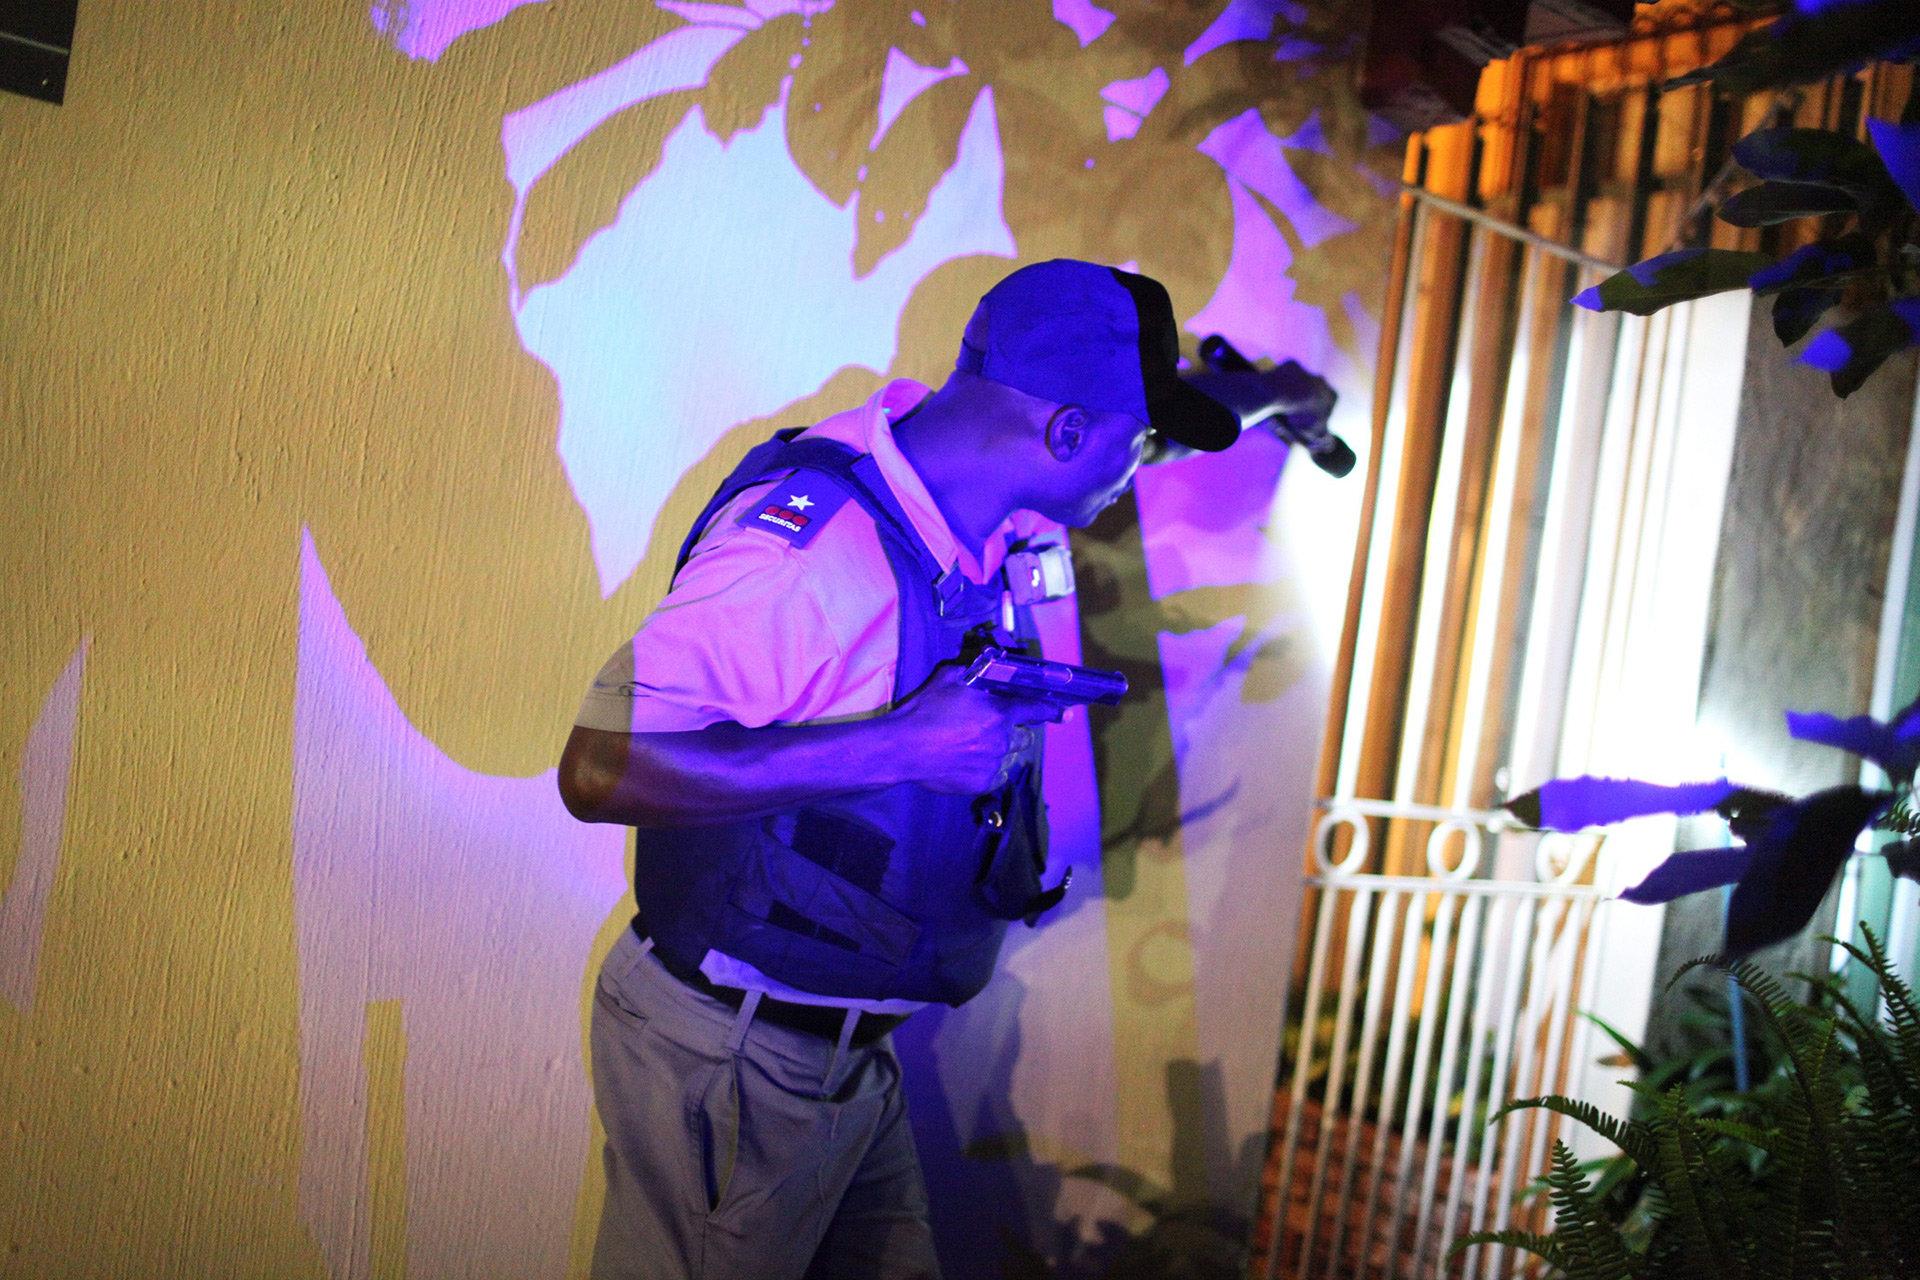 Security-Mann näher sich einem Hauseingang